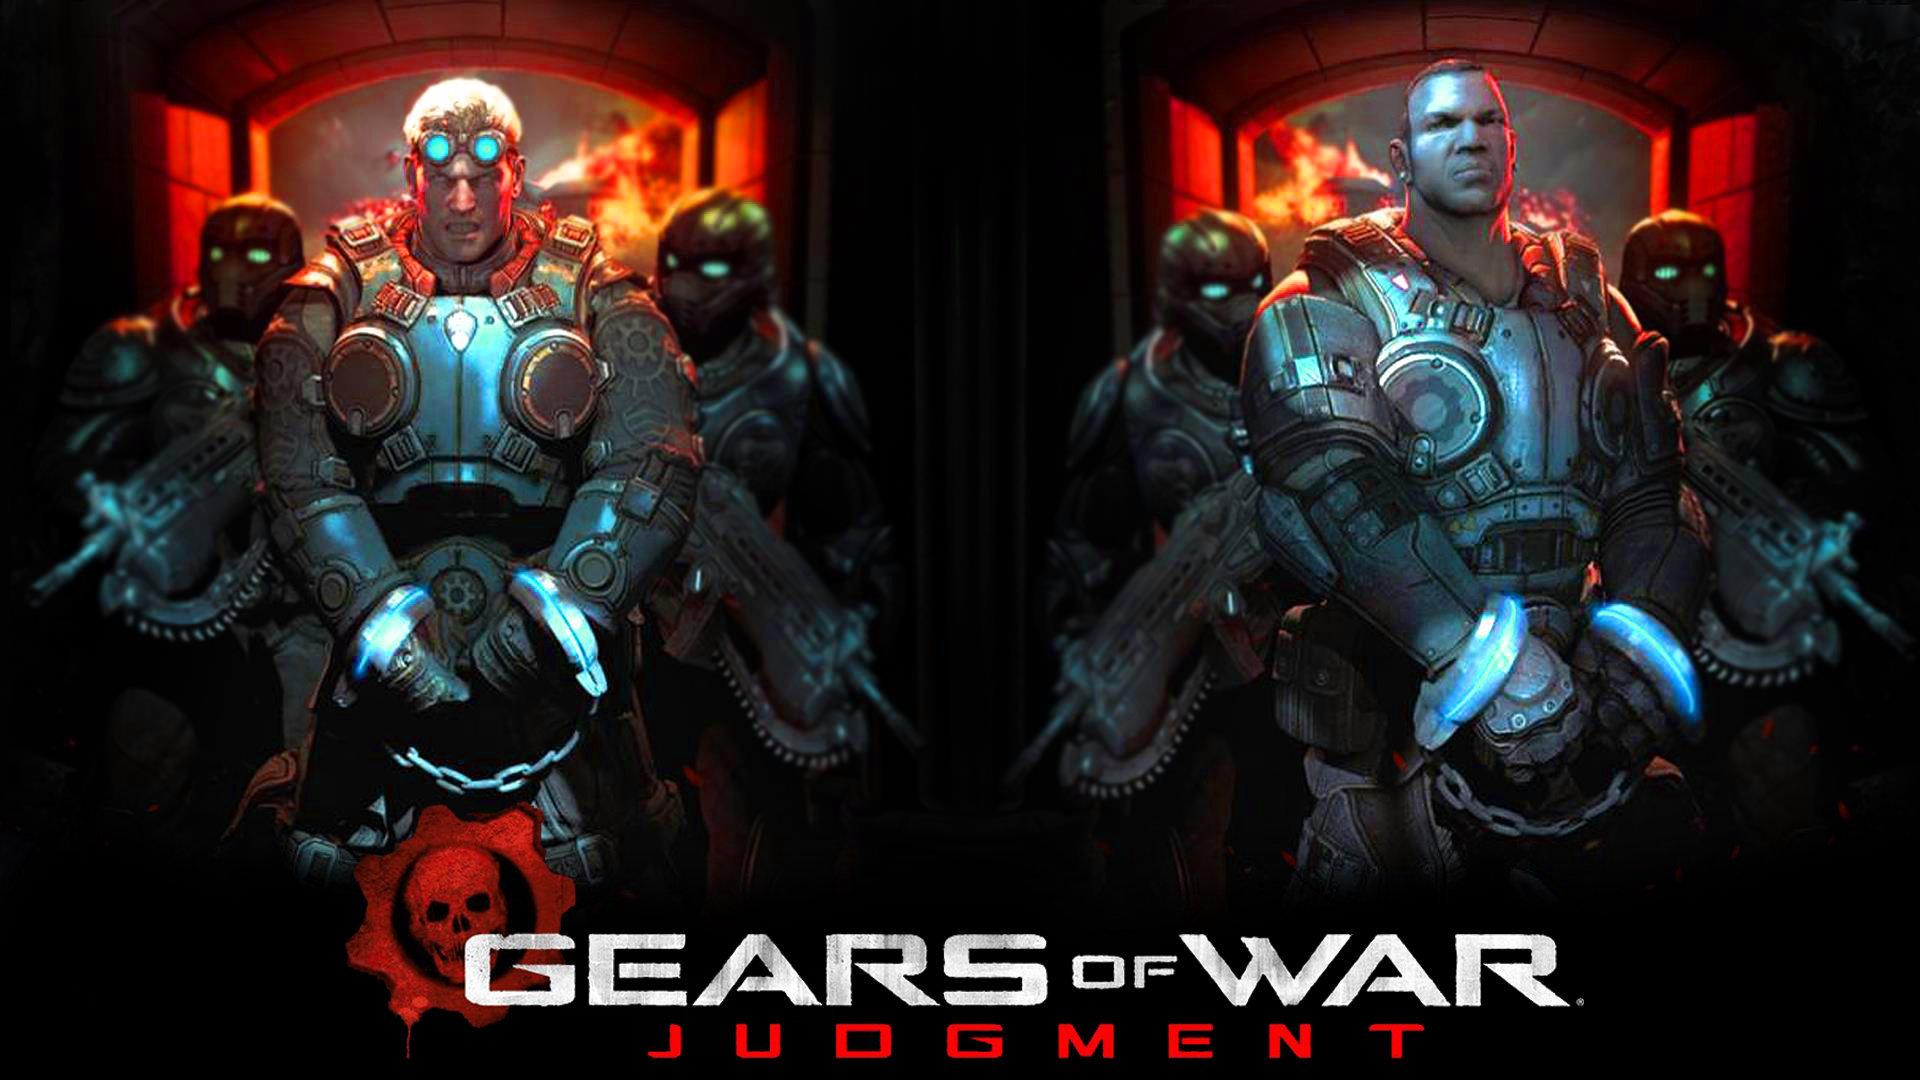 Must Have Gears of War Judgement Desktop Wallpapers 1920x1080